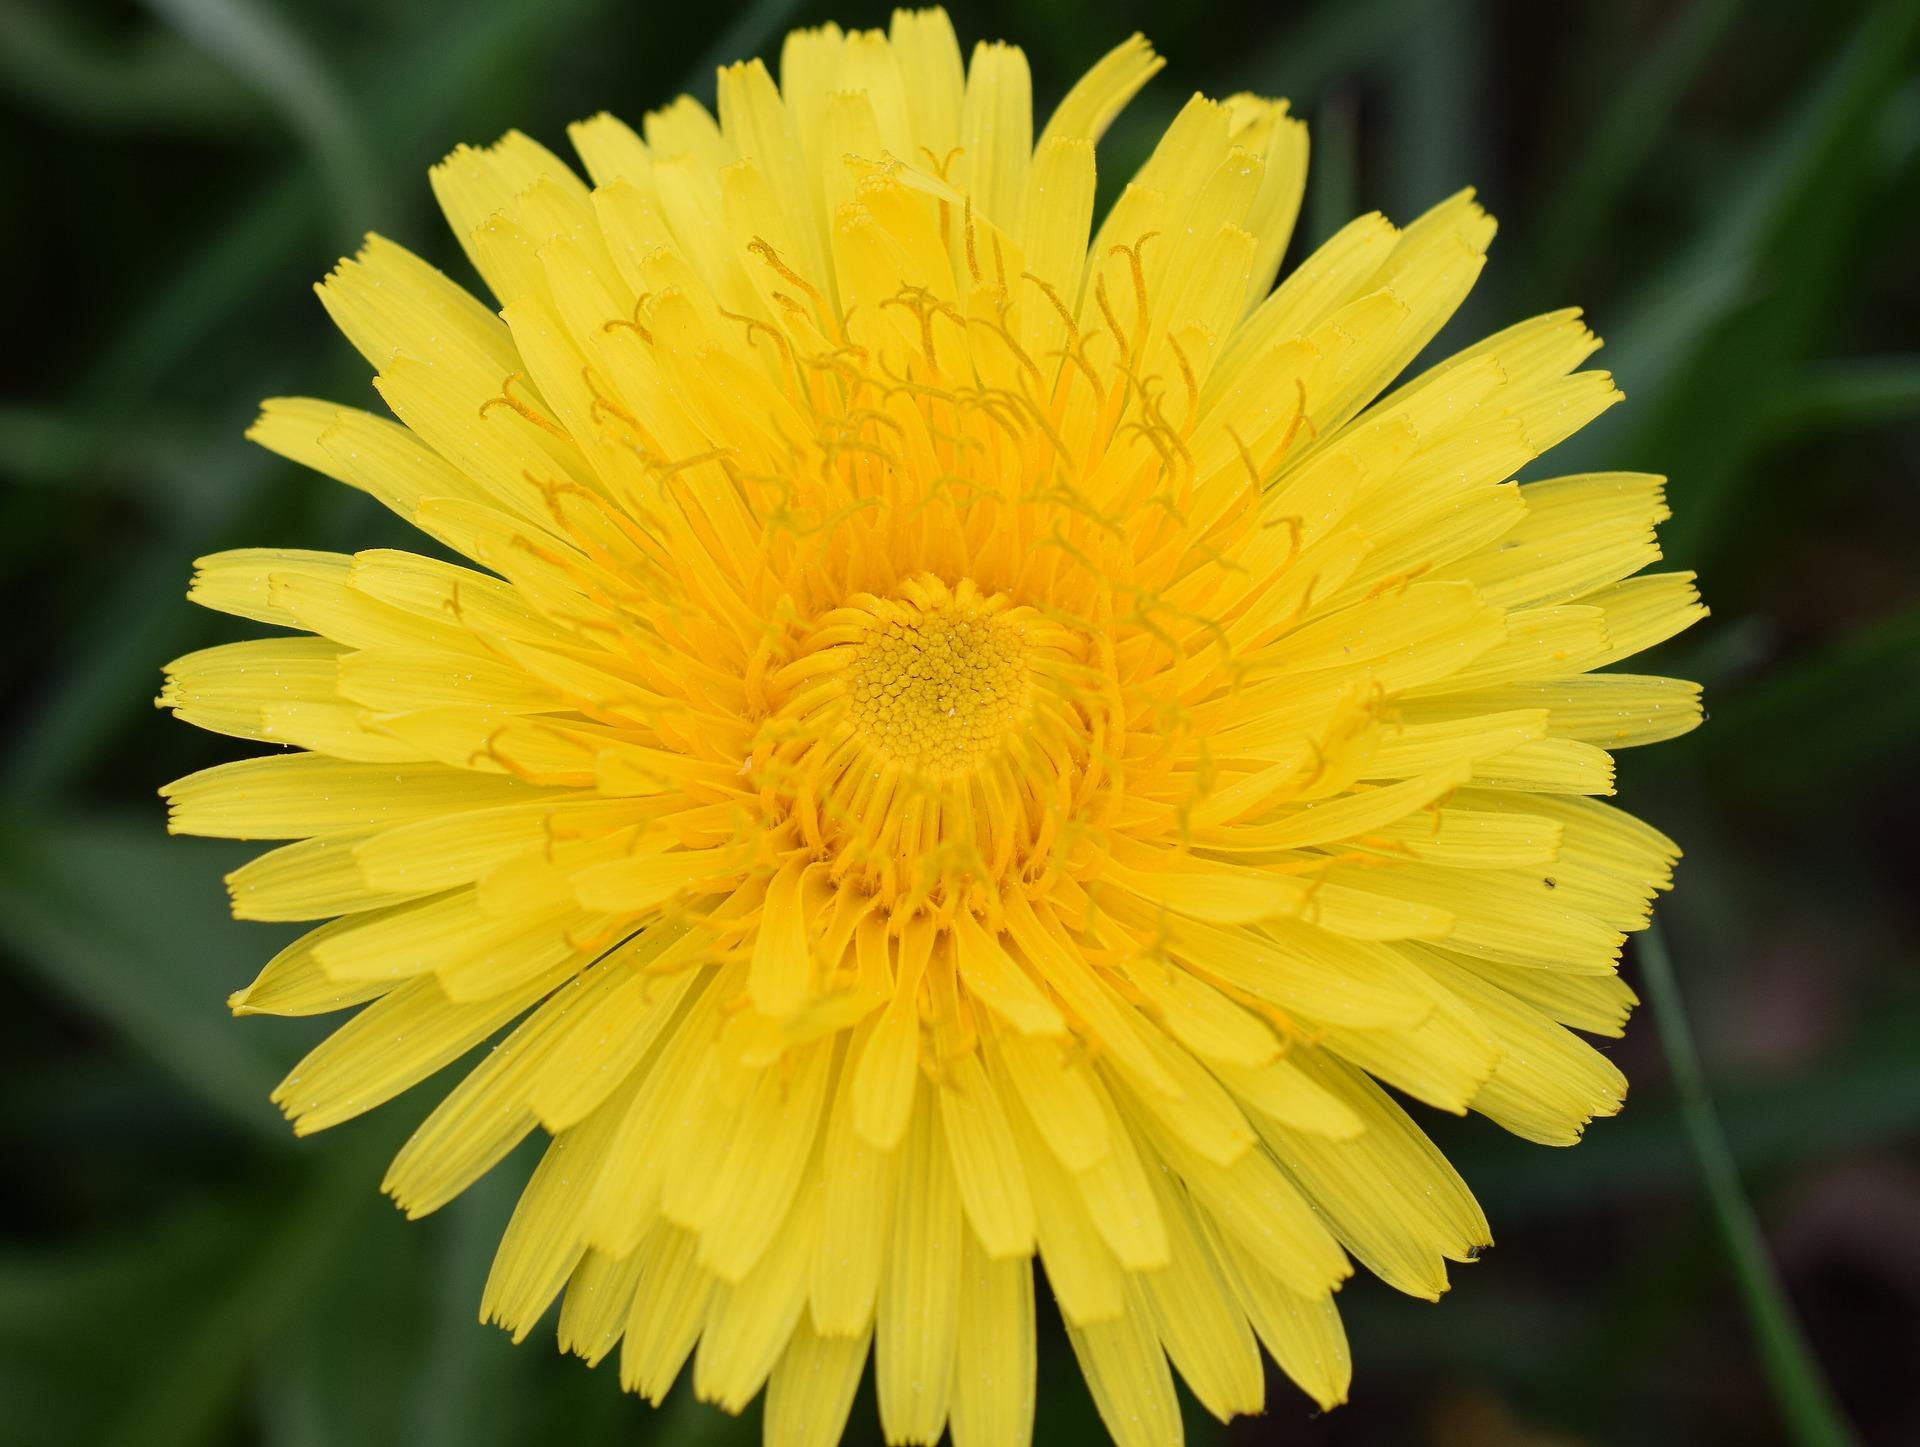 Le pissenlit n'a pas une fleur mais plein ! Chaque ligule jaune est une fleur !